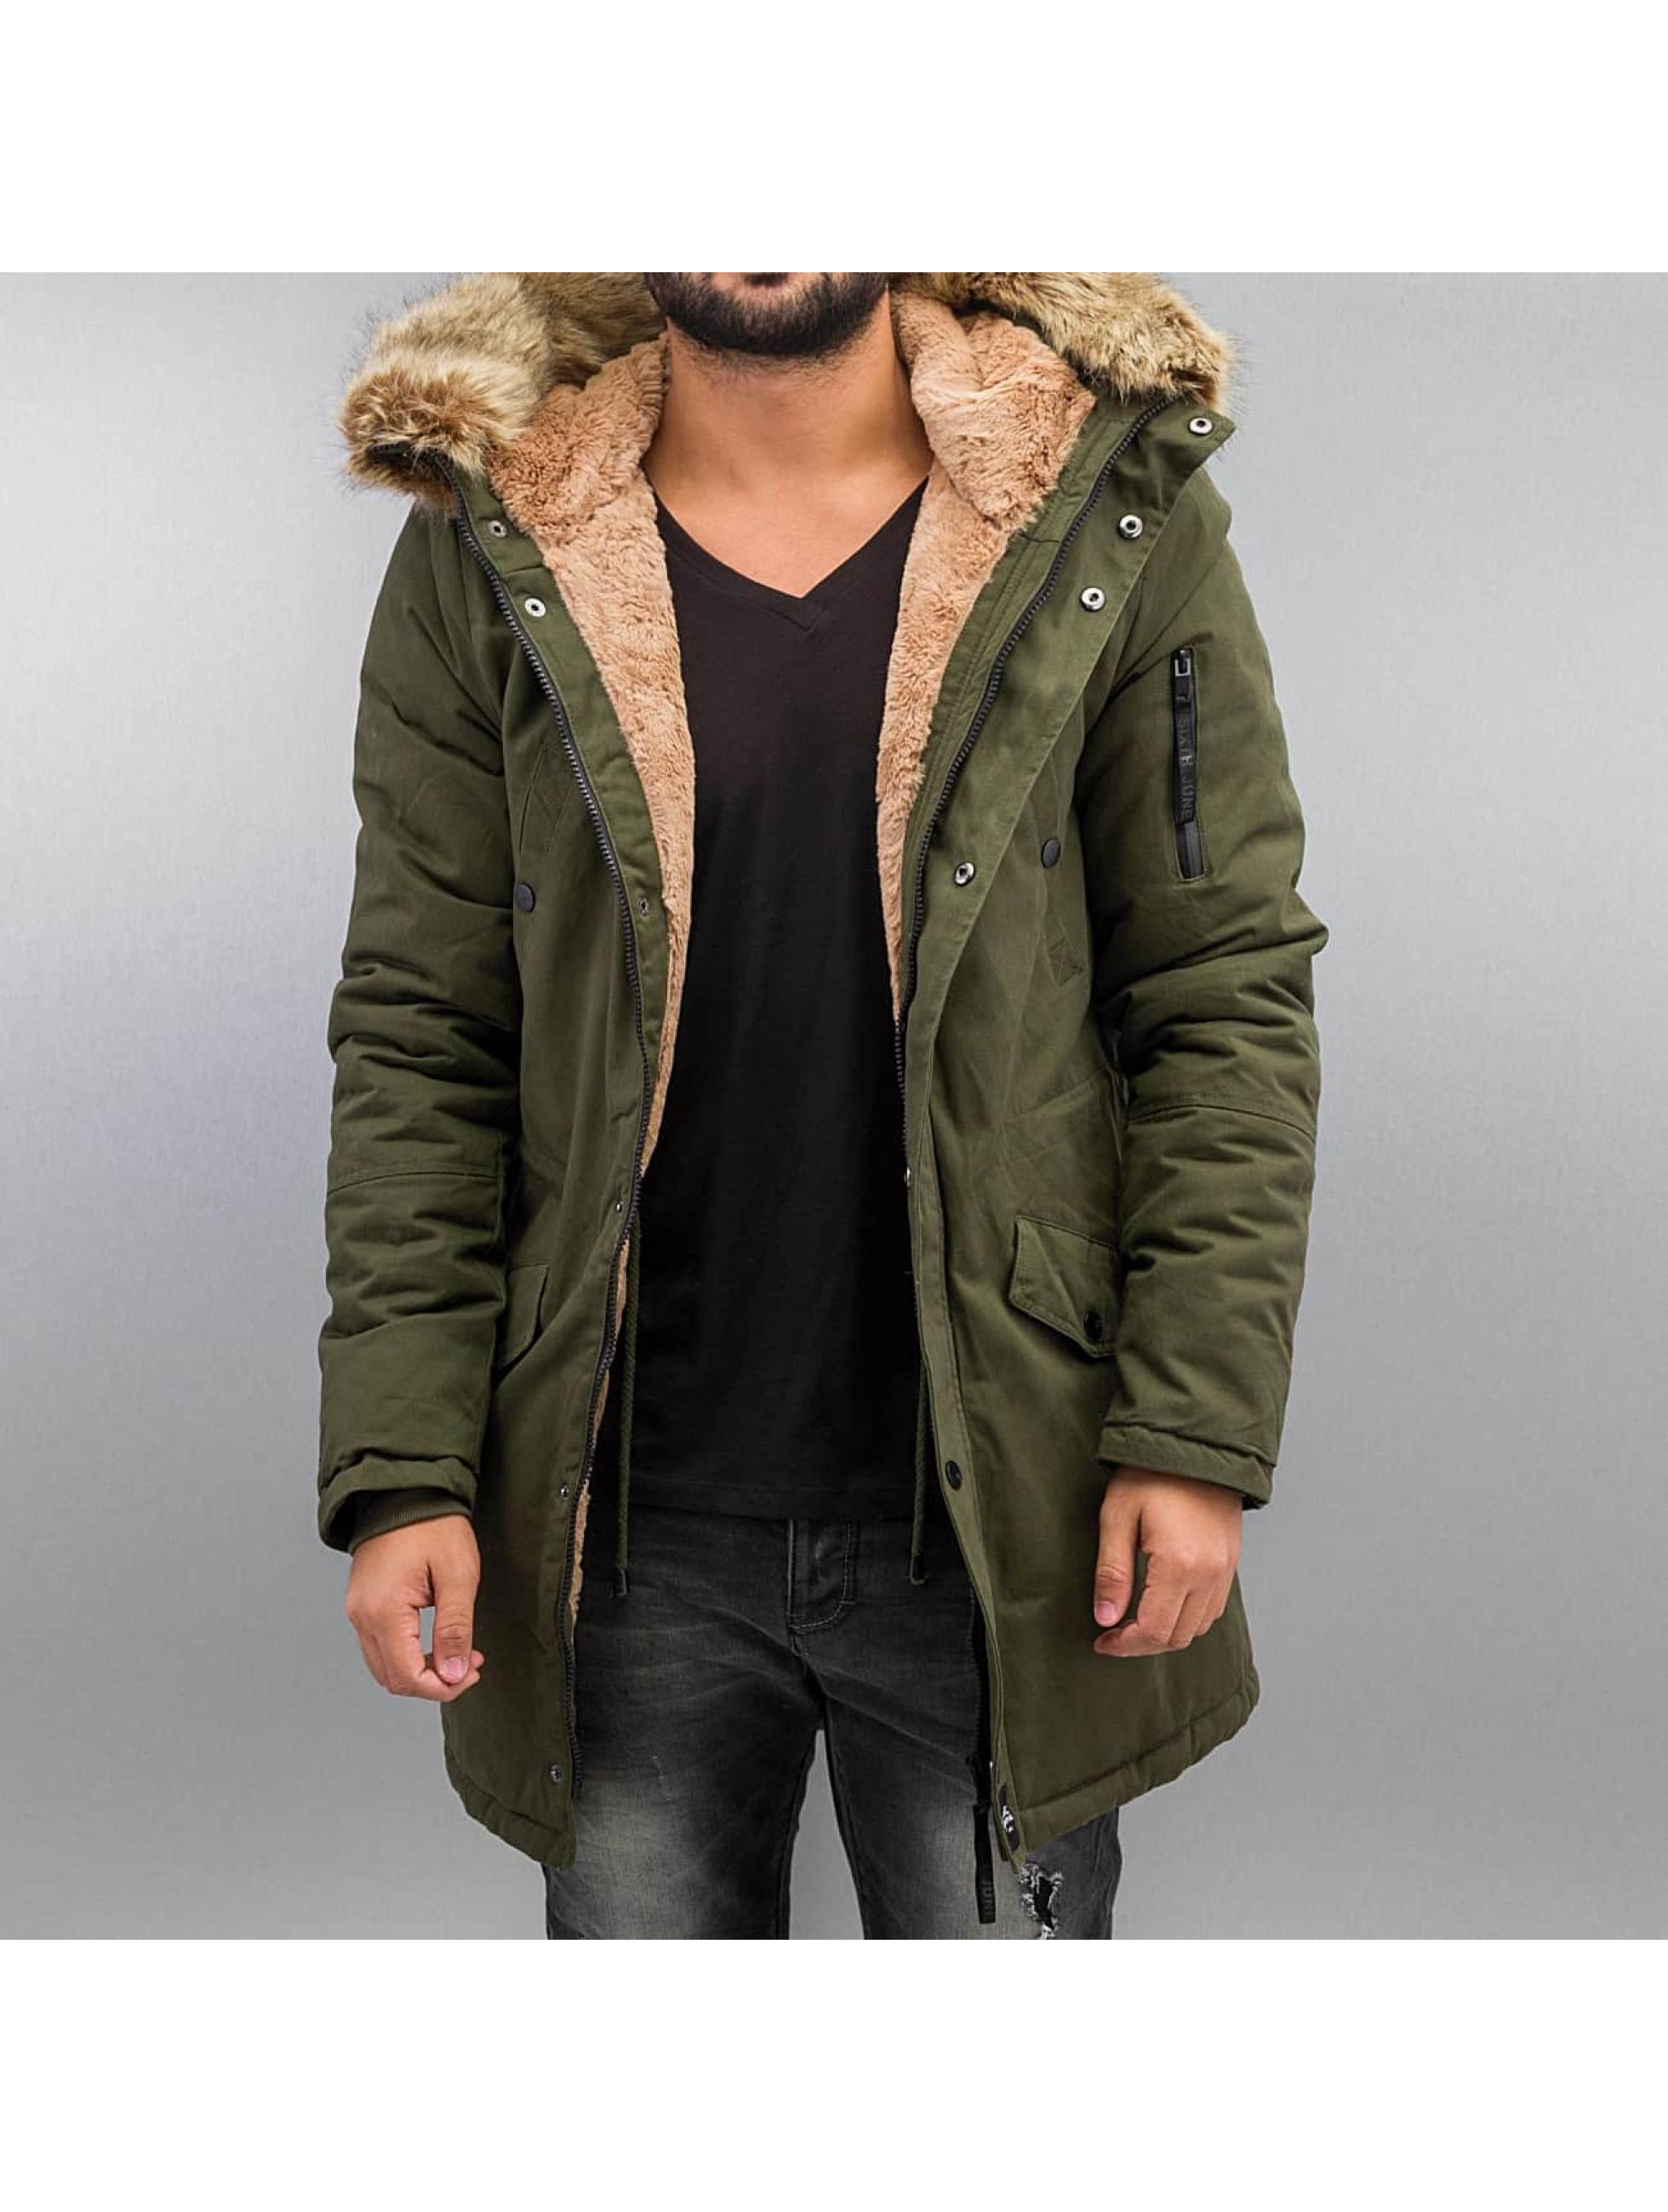 Winterjacke Fur in khaki